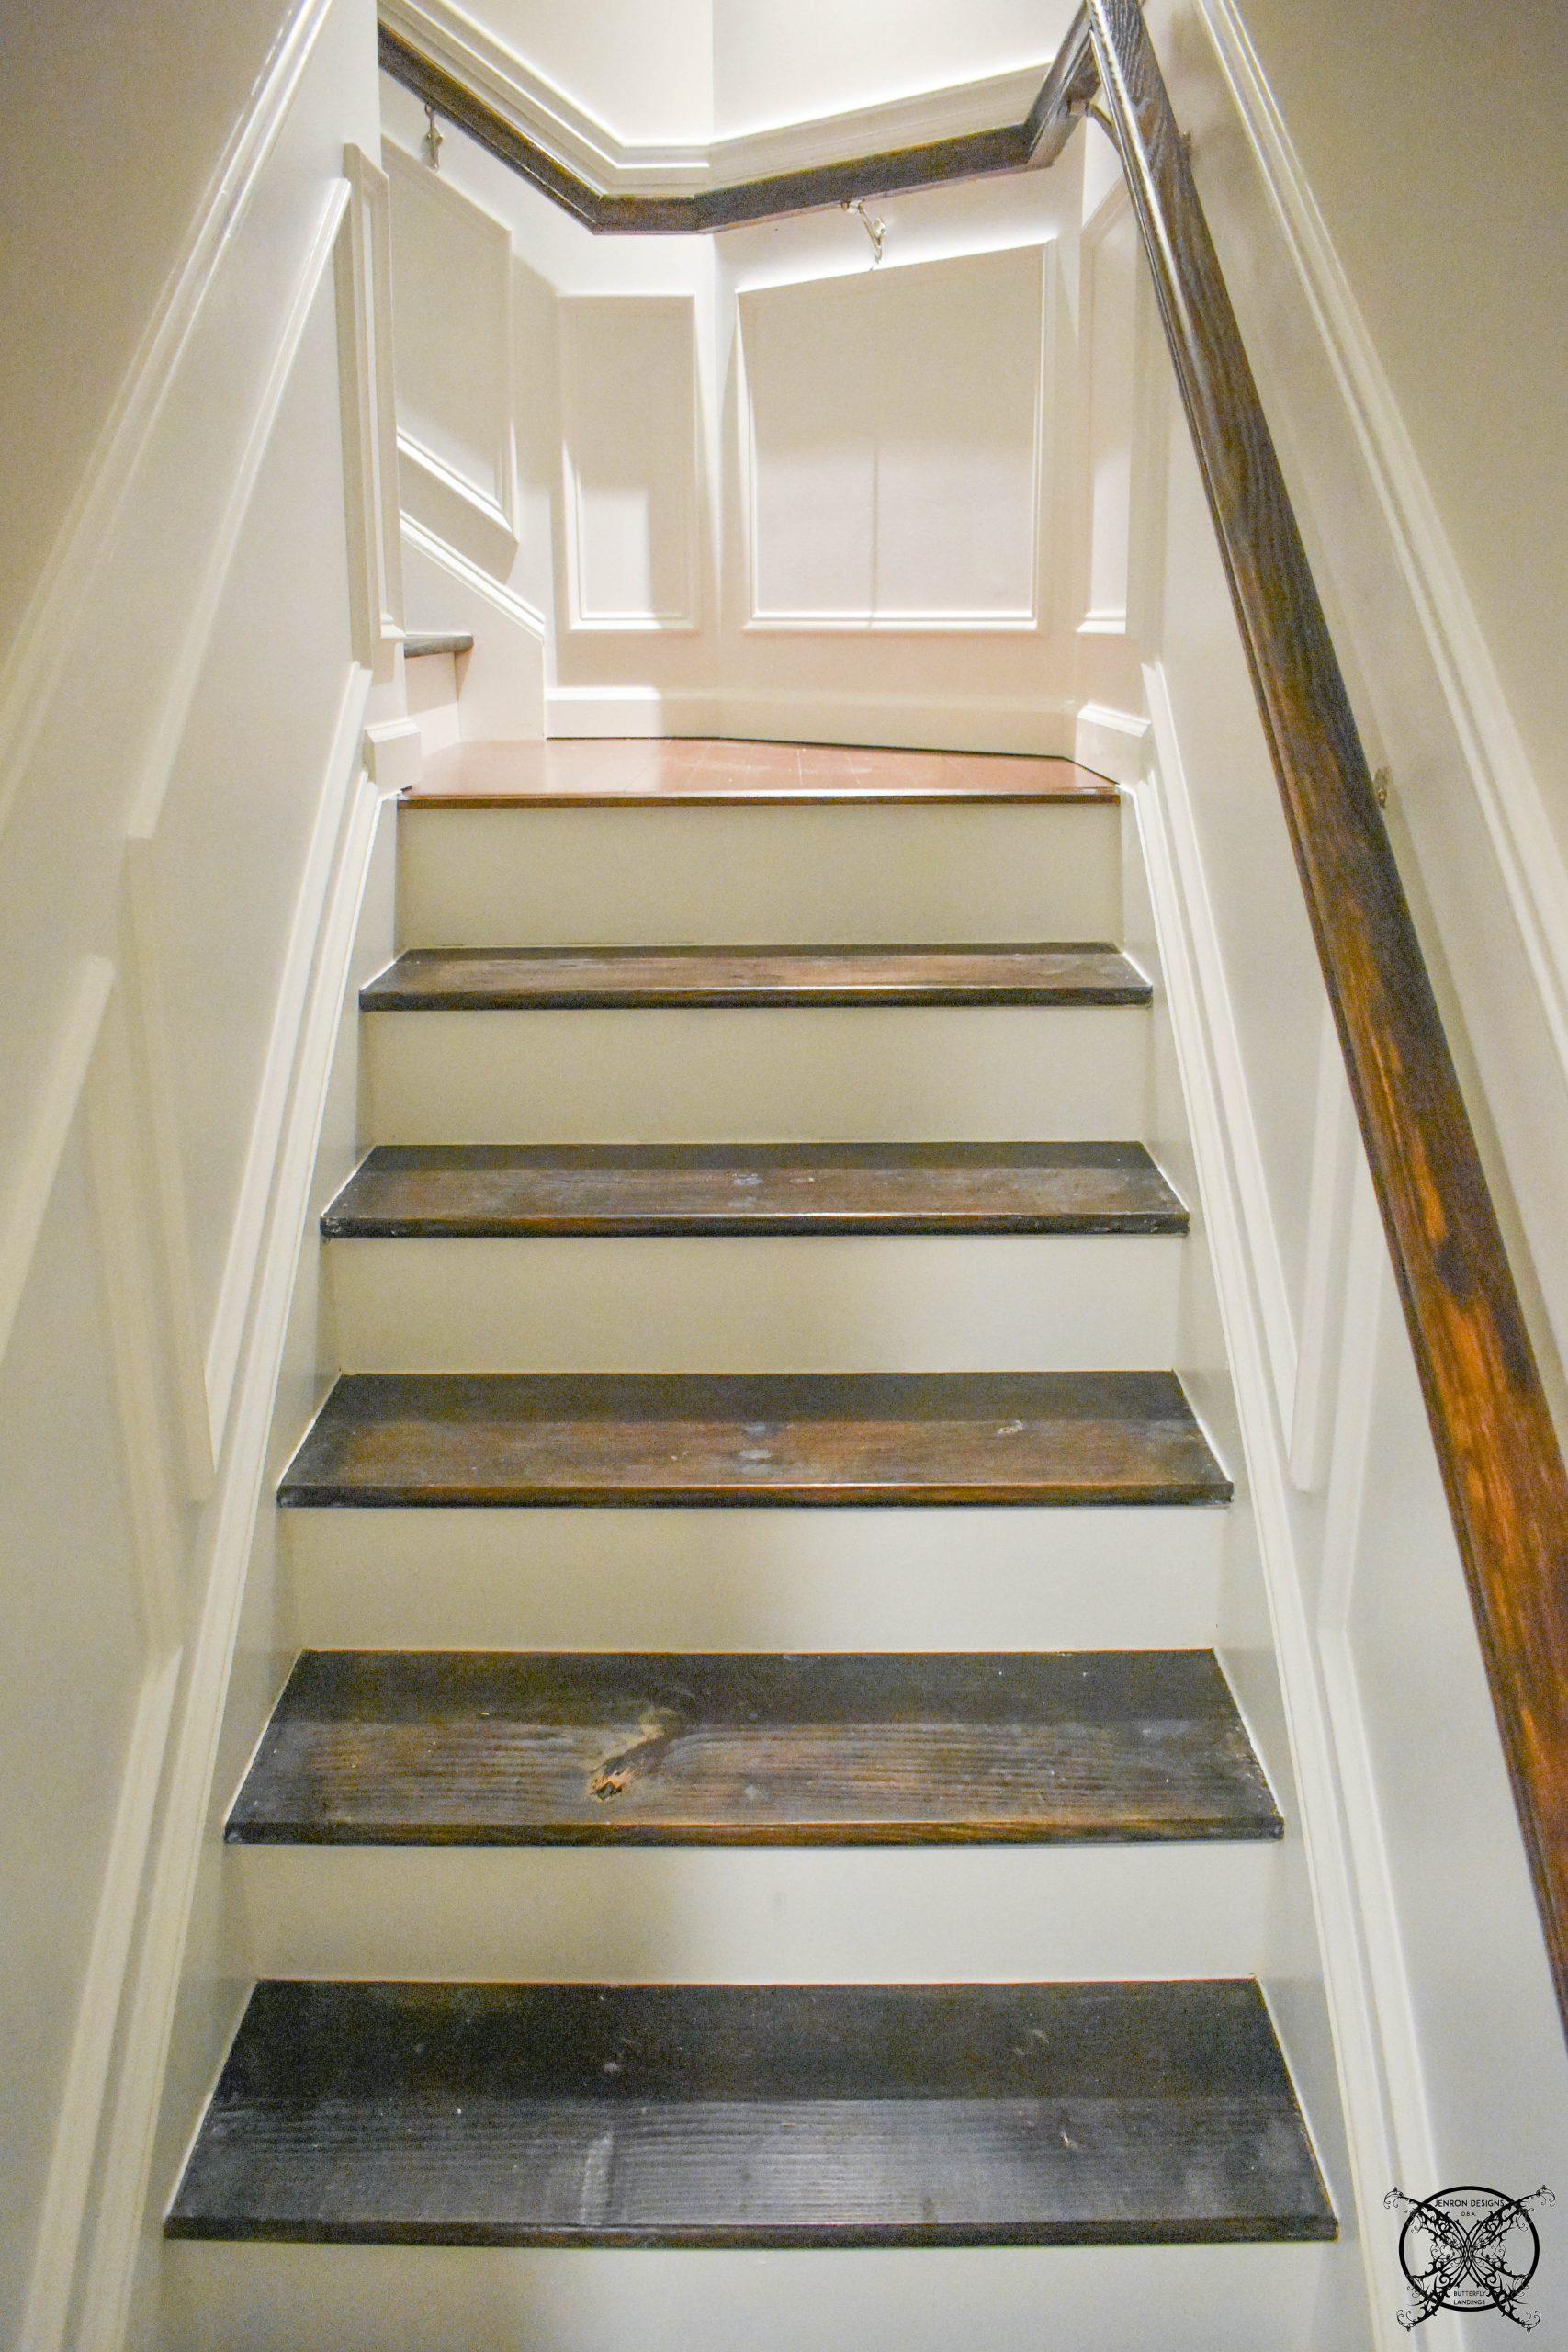 Stair Landing DIY JENRON DESIGNS